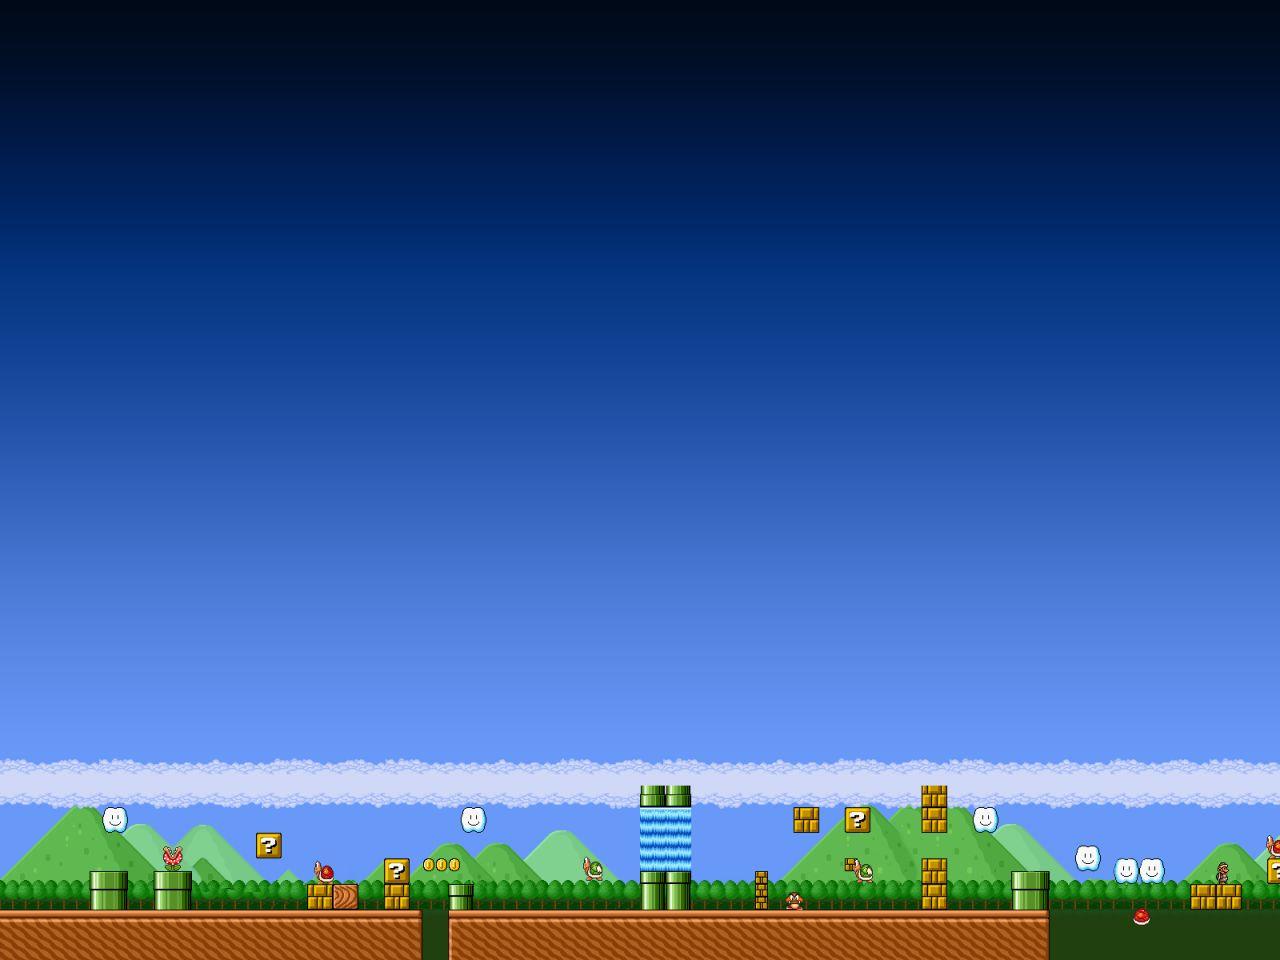 Wallpapers Hd Wallpapers Juego Super Mario Bros Hd